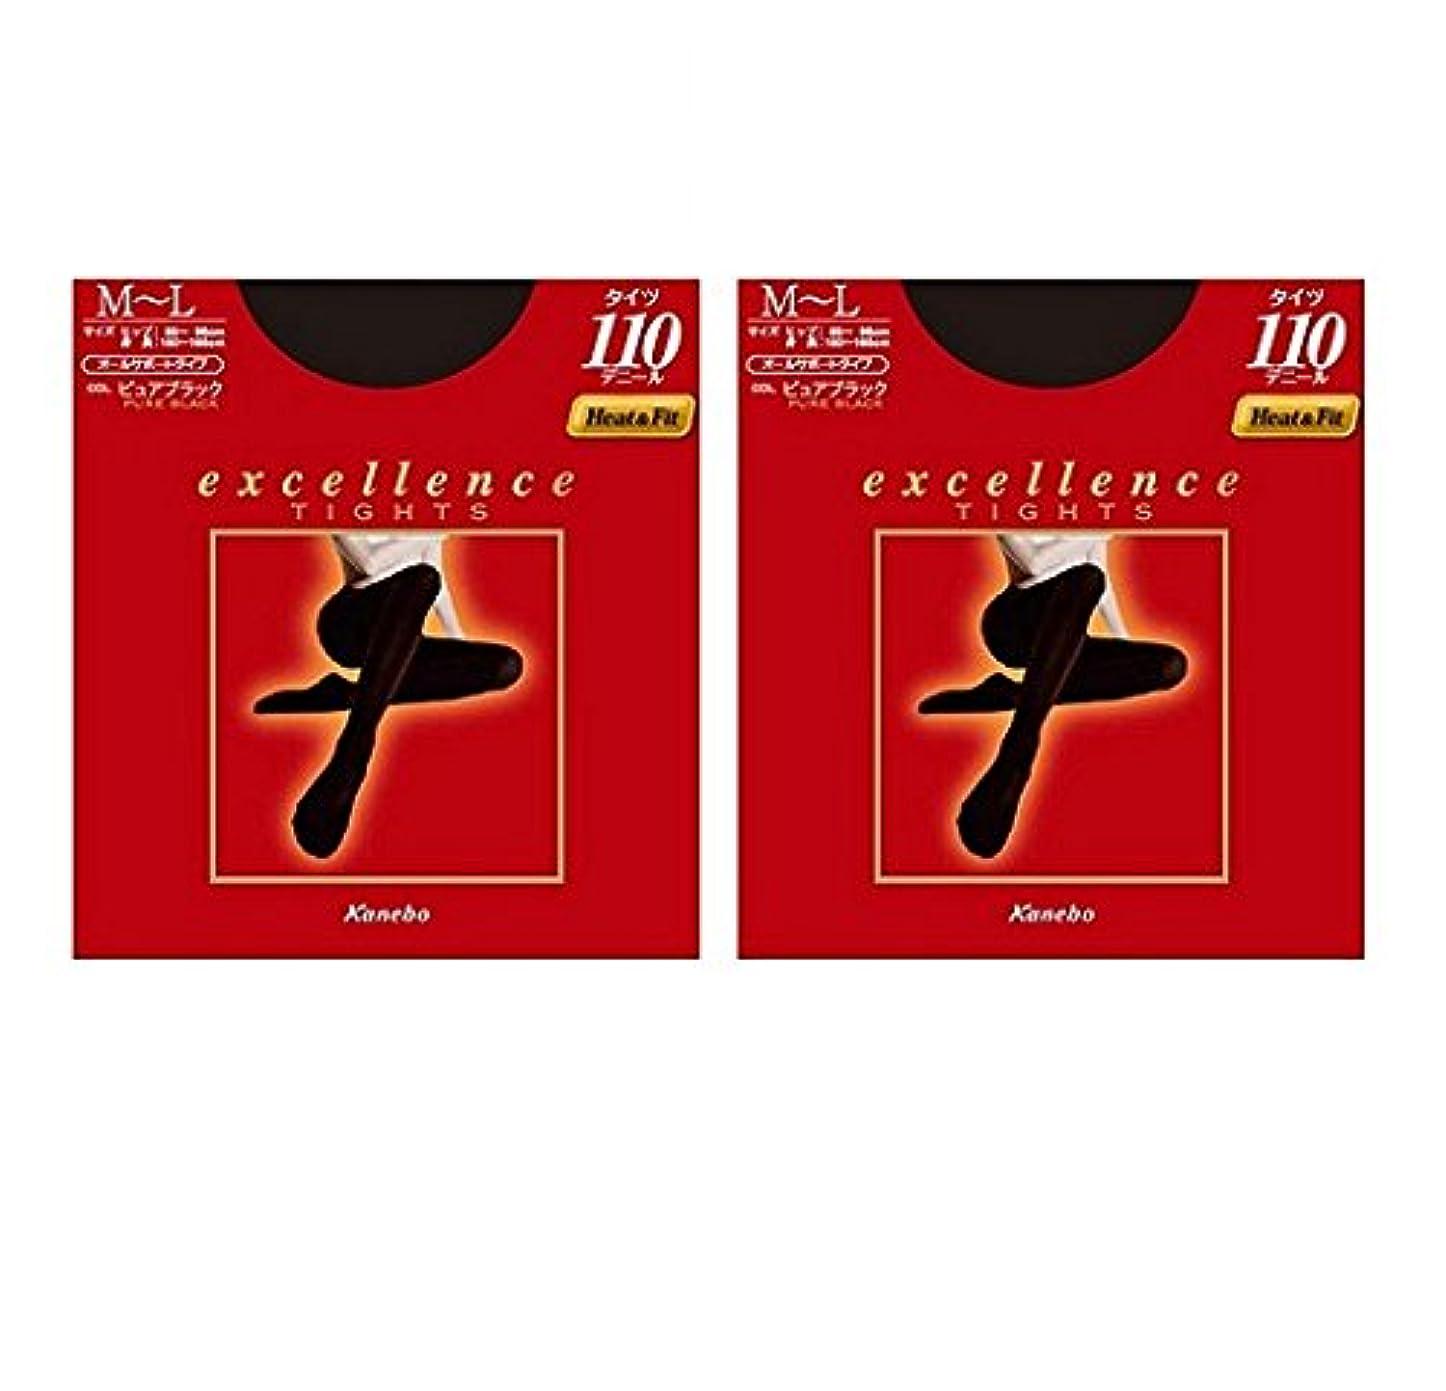 クラブドアミラー魂エクセレンス 110デニール M~L×2足 タイツ kanebo excellence TIGHTS